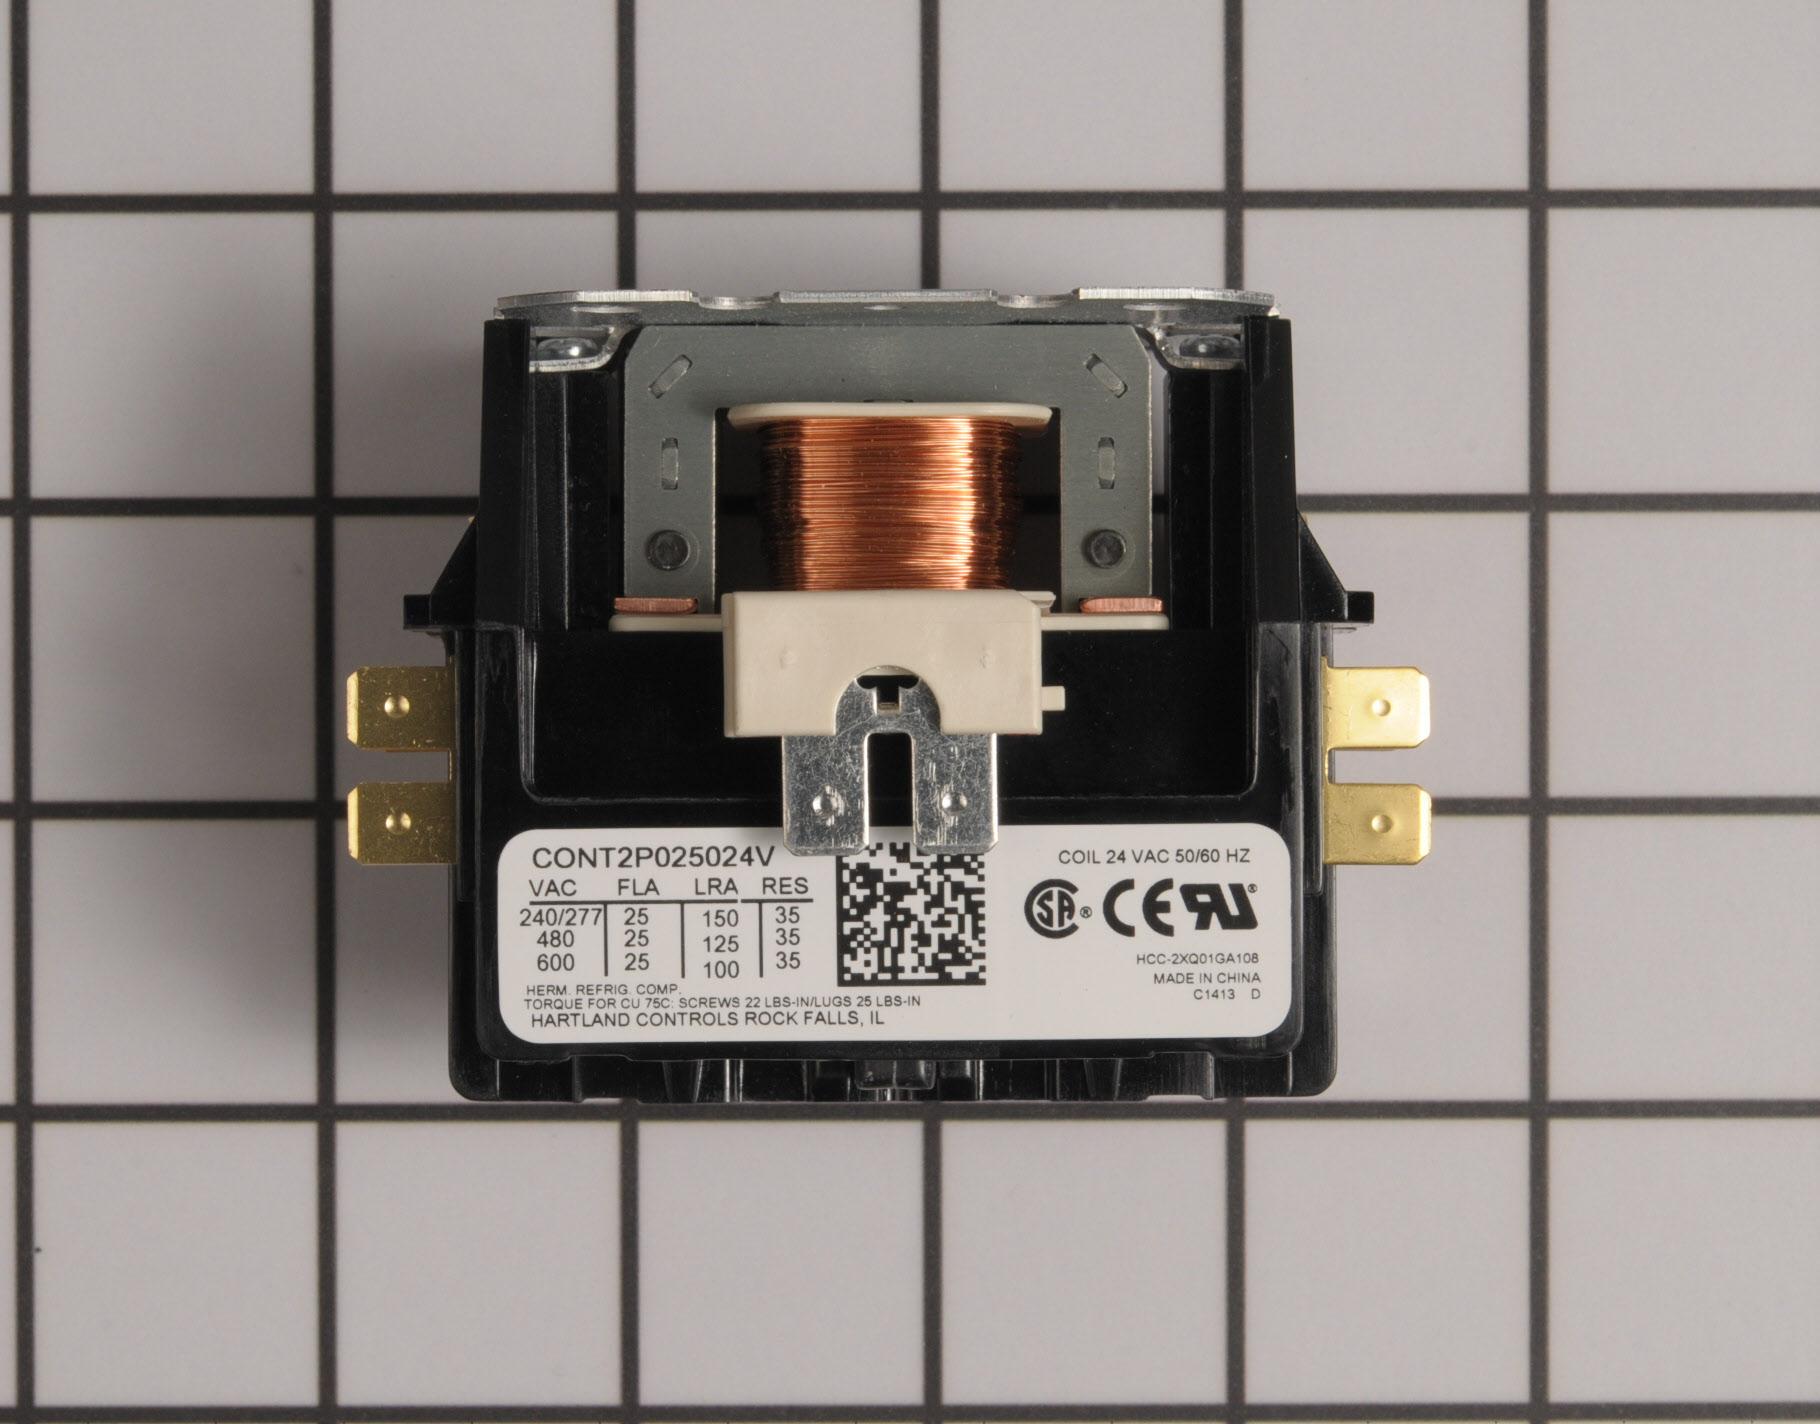 CONT2P025024VS Amana Air Handler Part -Contactor